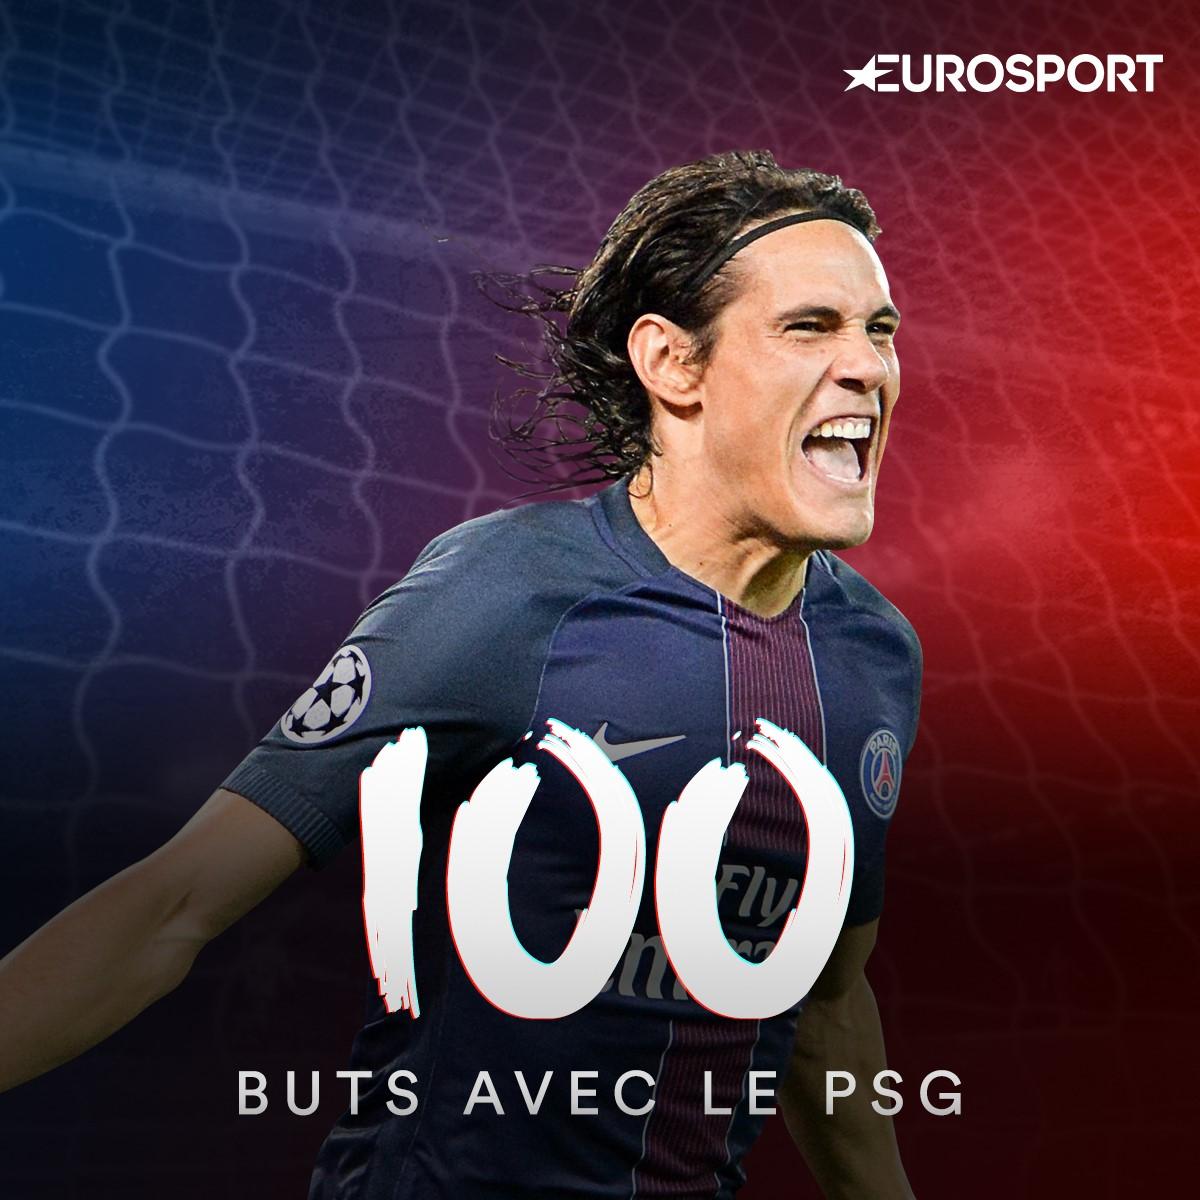 Edinson Cavani a atteint le cap des 100 buts marqués sous le maillot du PSG.